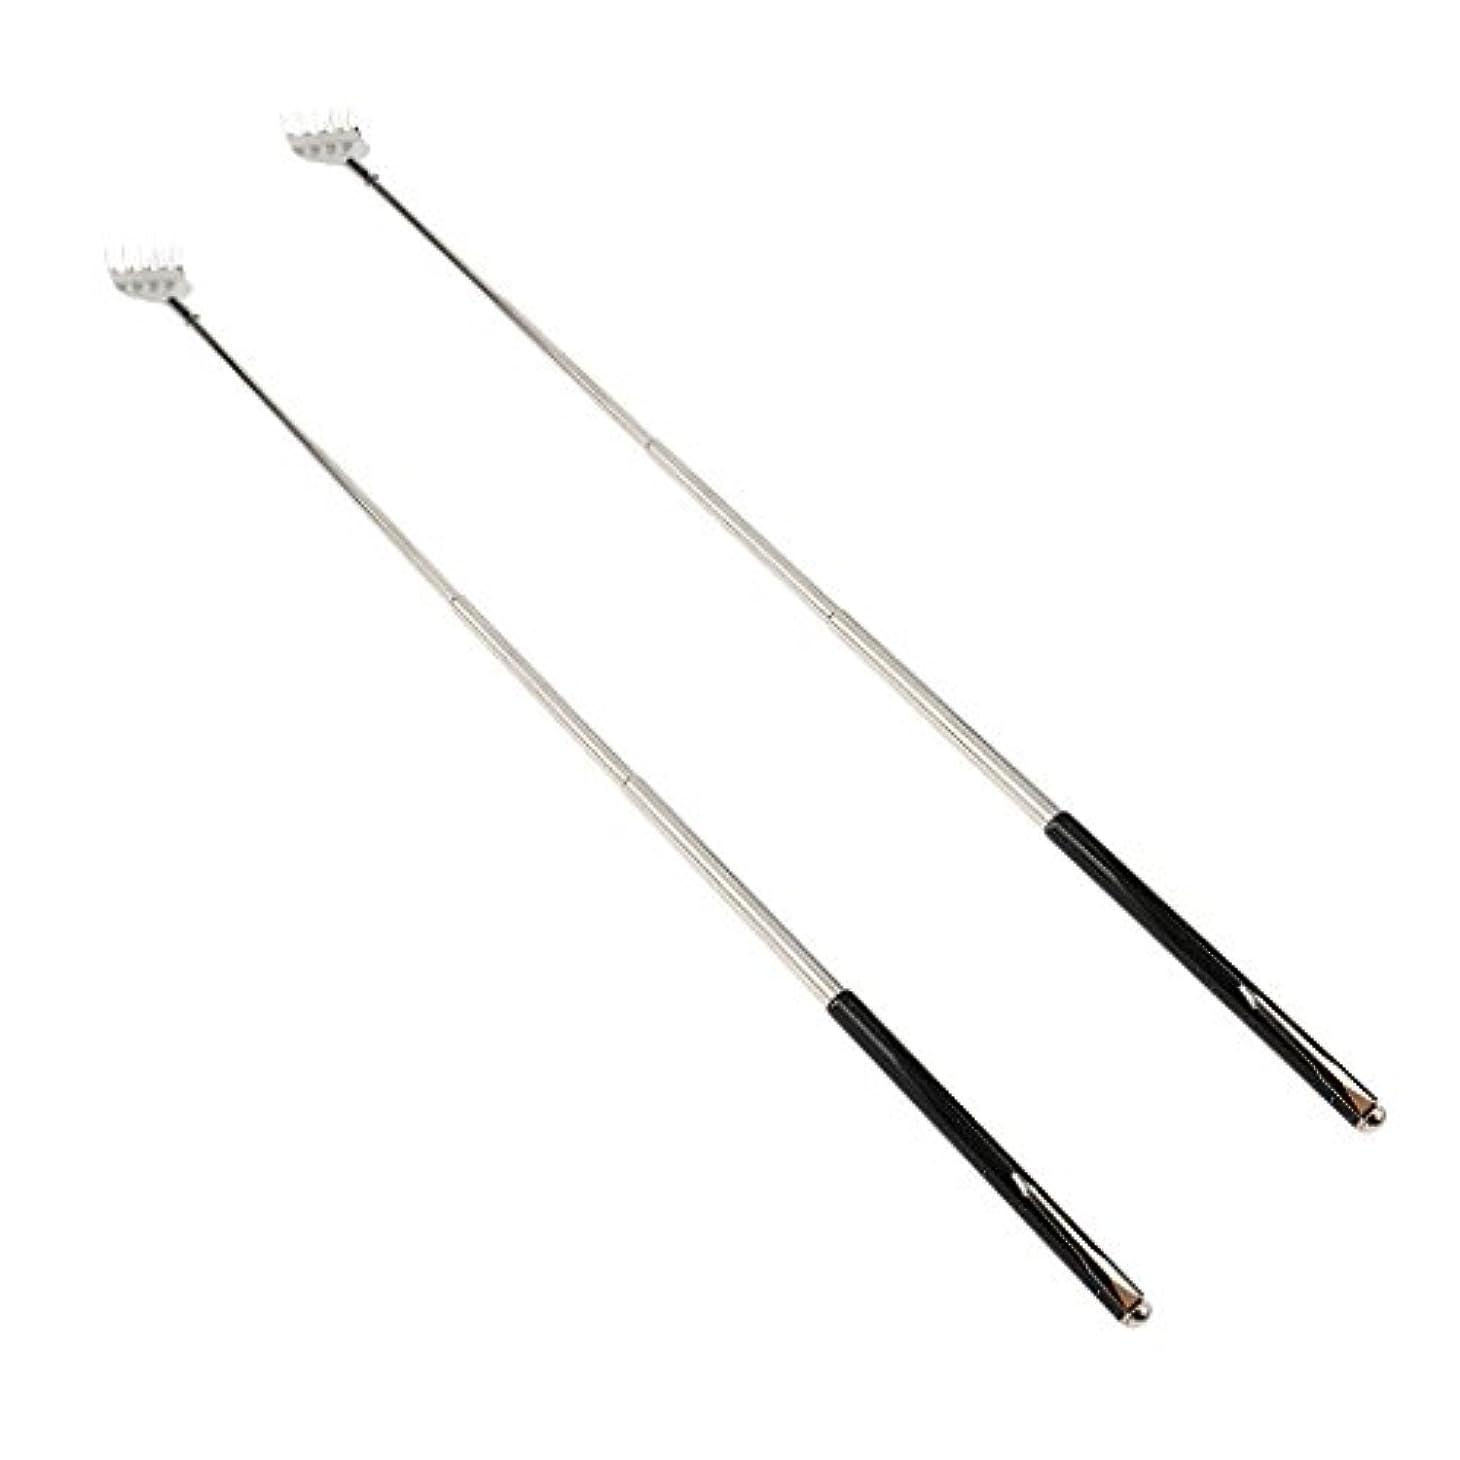 見出し会話ポンペイdailymall 2ピースバックスクラッチャー伸縮式爪拡張可能なかゆみハンドマッサージペンフック付き